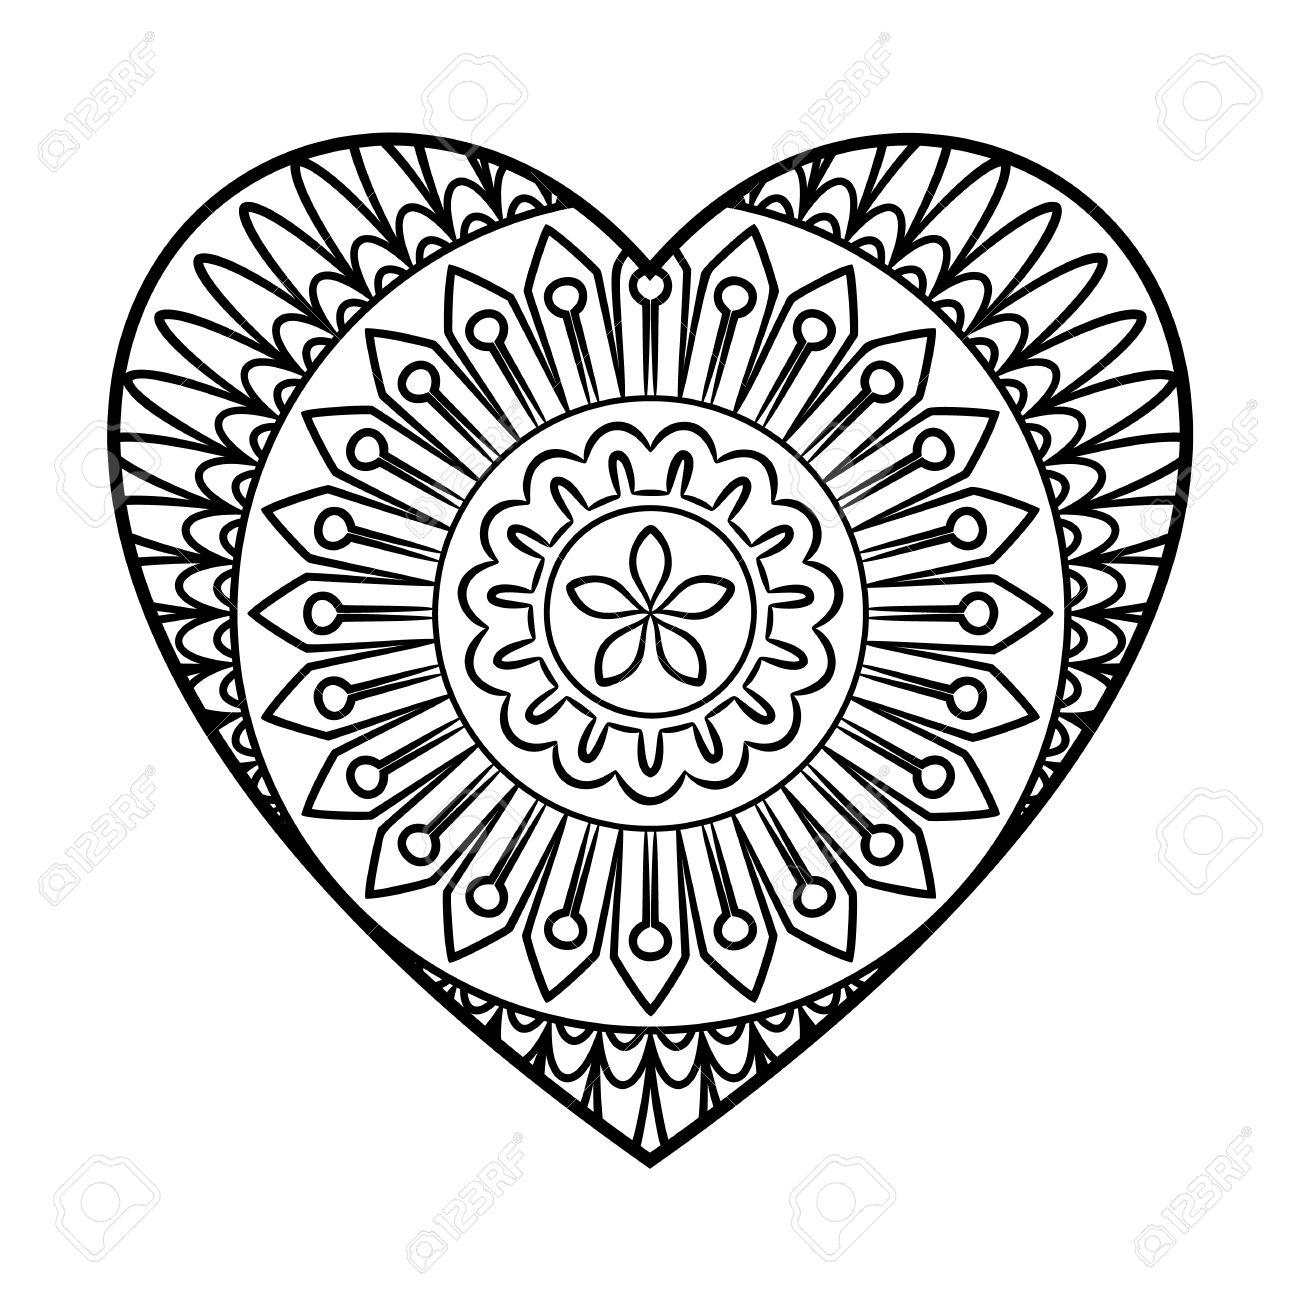 Doodle Coloriage Mandala De Coeur Outline Floral élément De Design En Forme De Coeur Coloriage Modèle De Livre Flowerlove Décoratif Rond